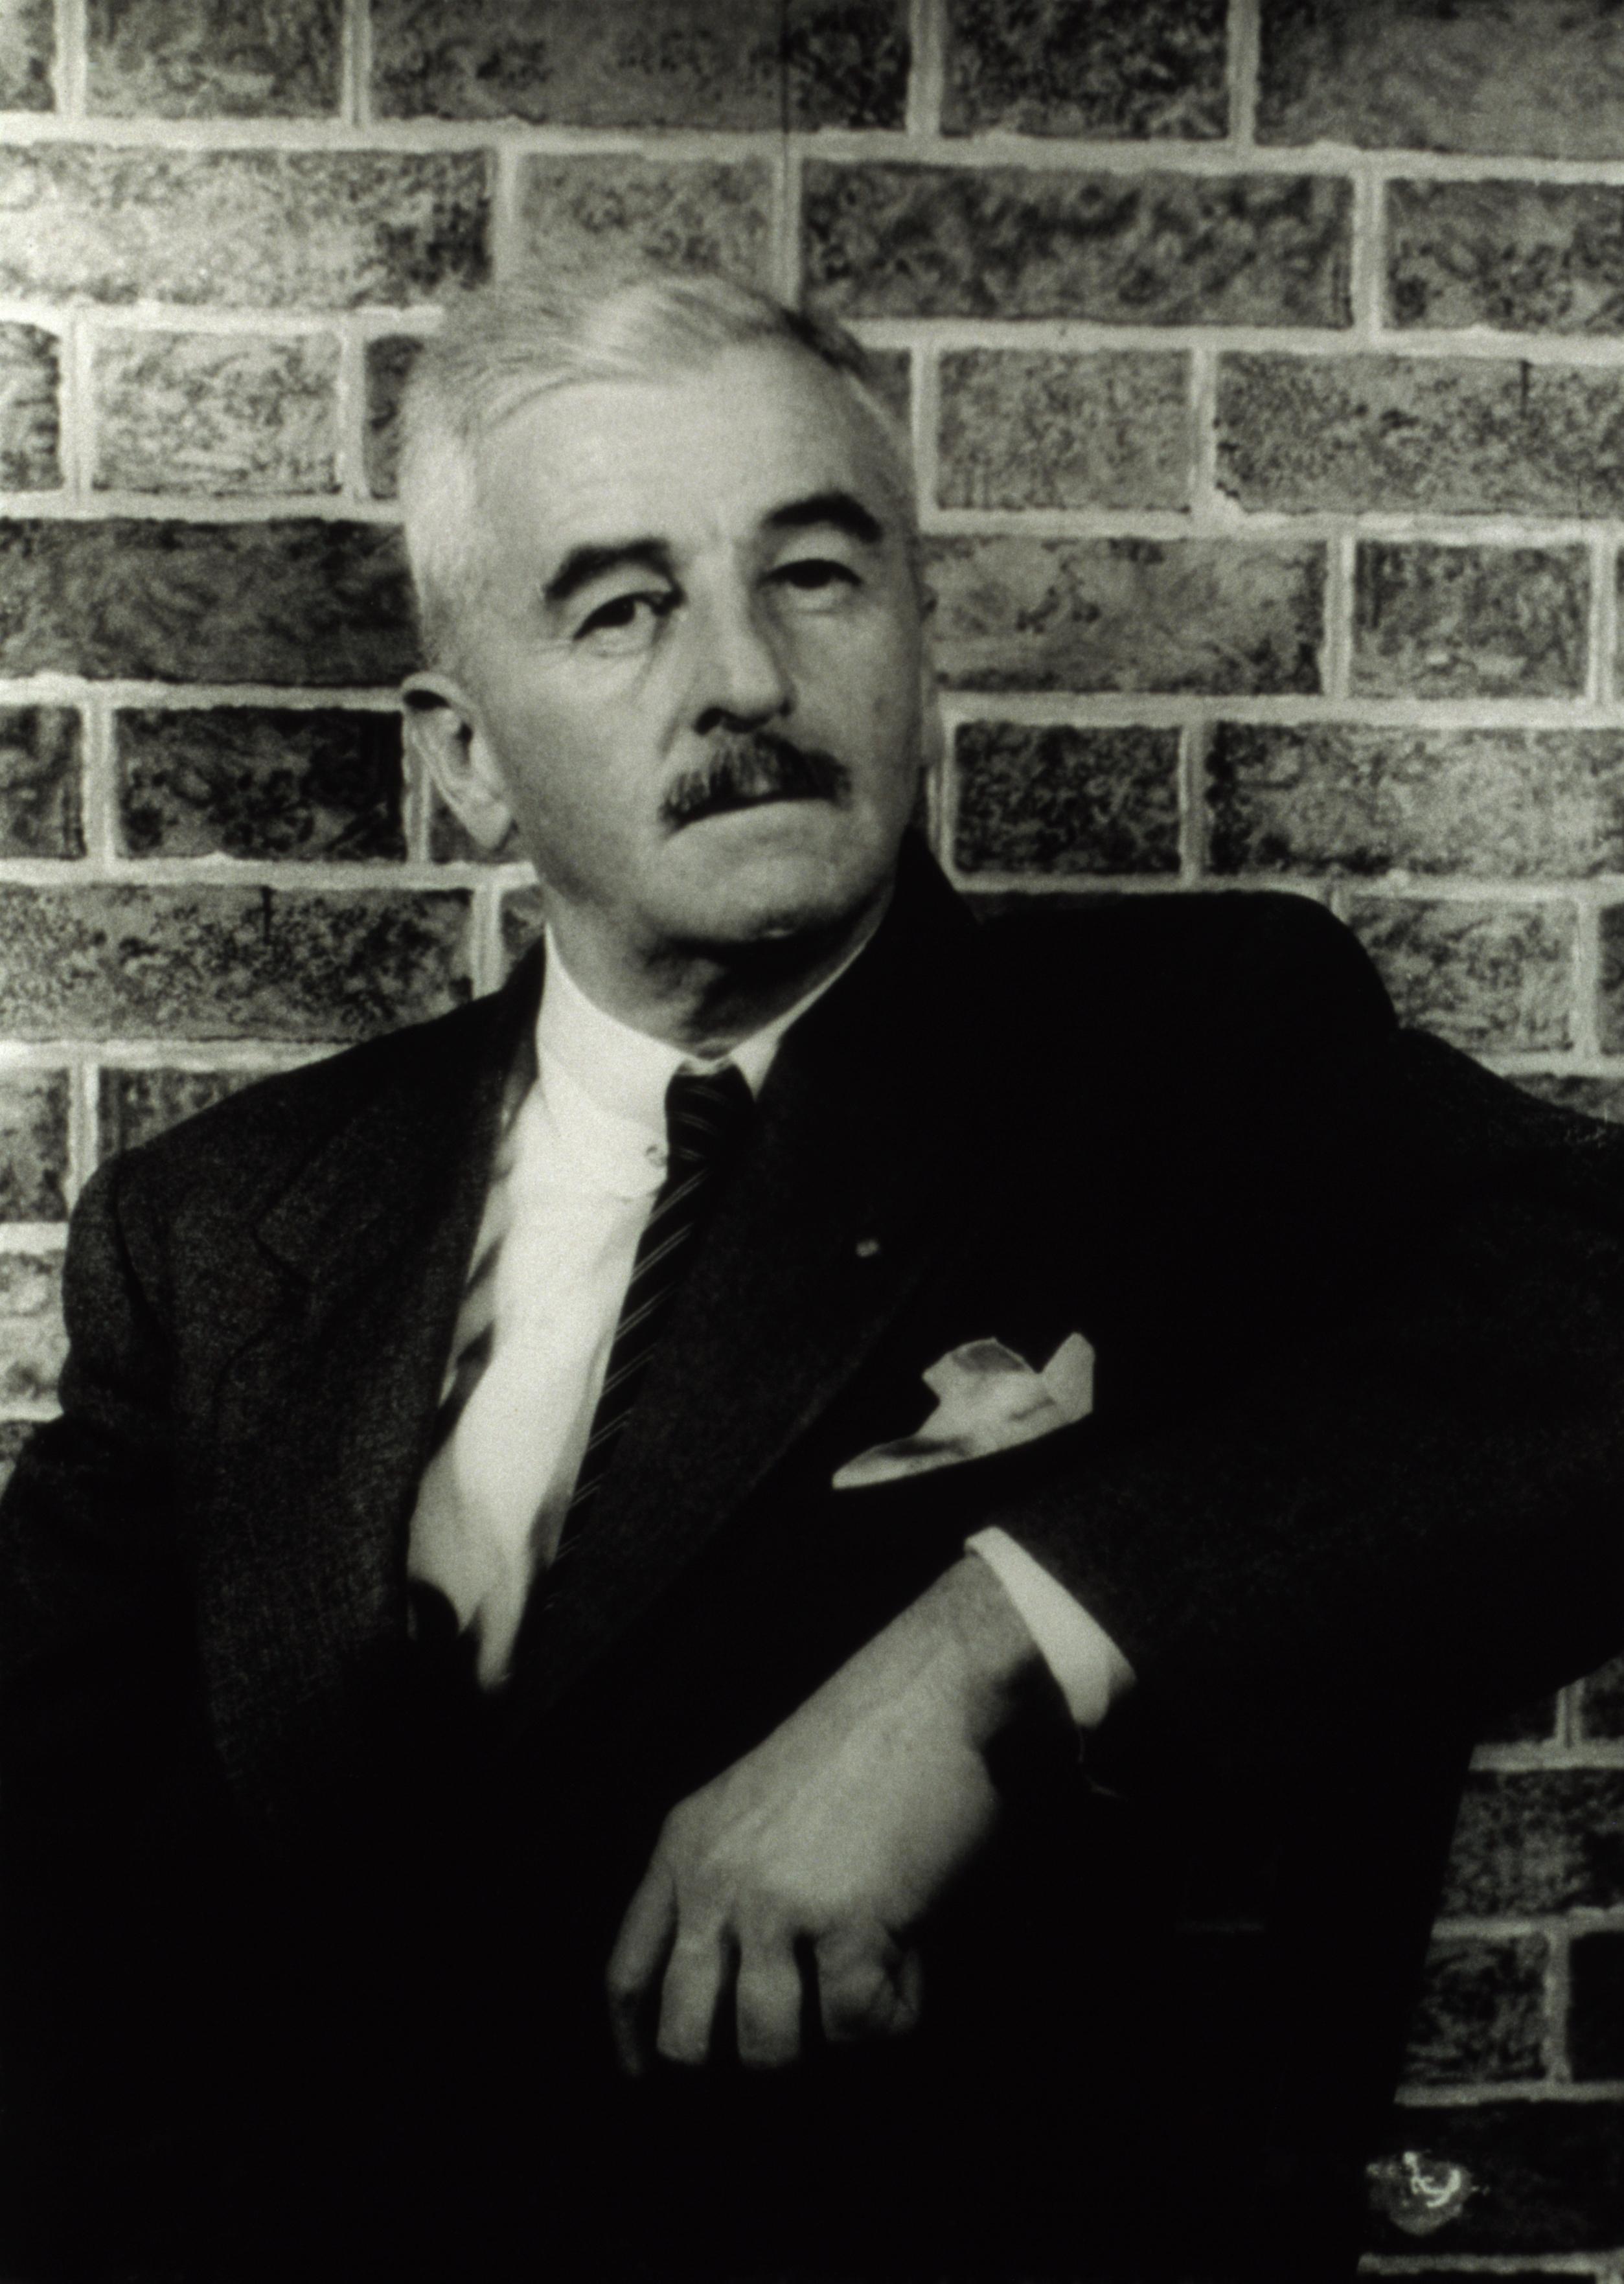 Veja o que saiu no Migalhas sobre William Faulkner